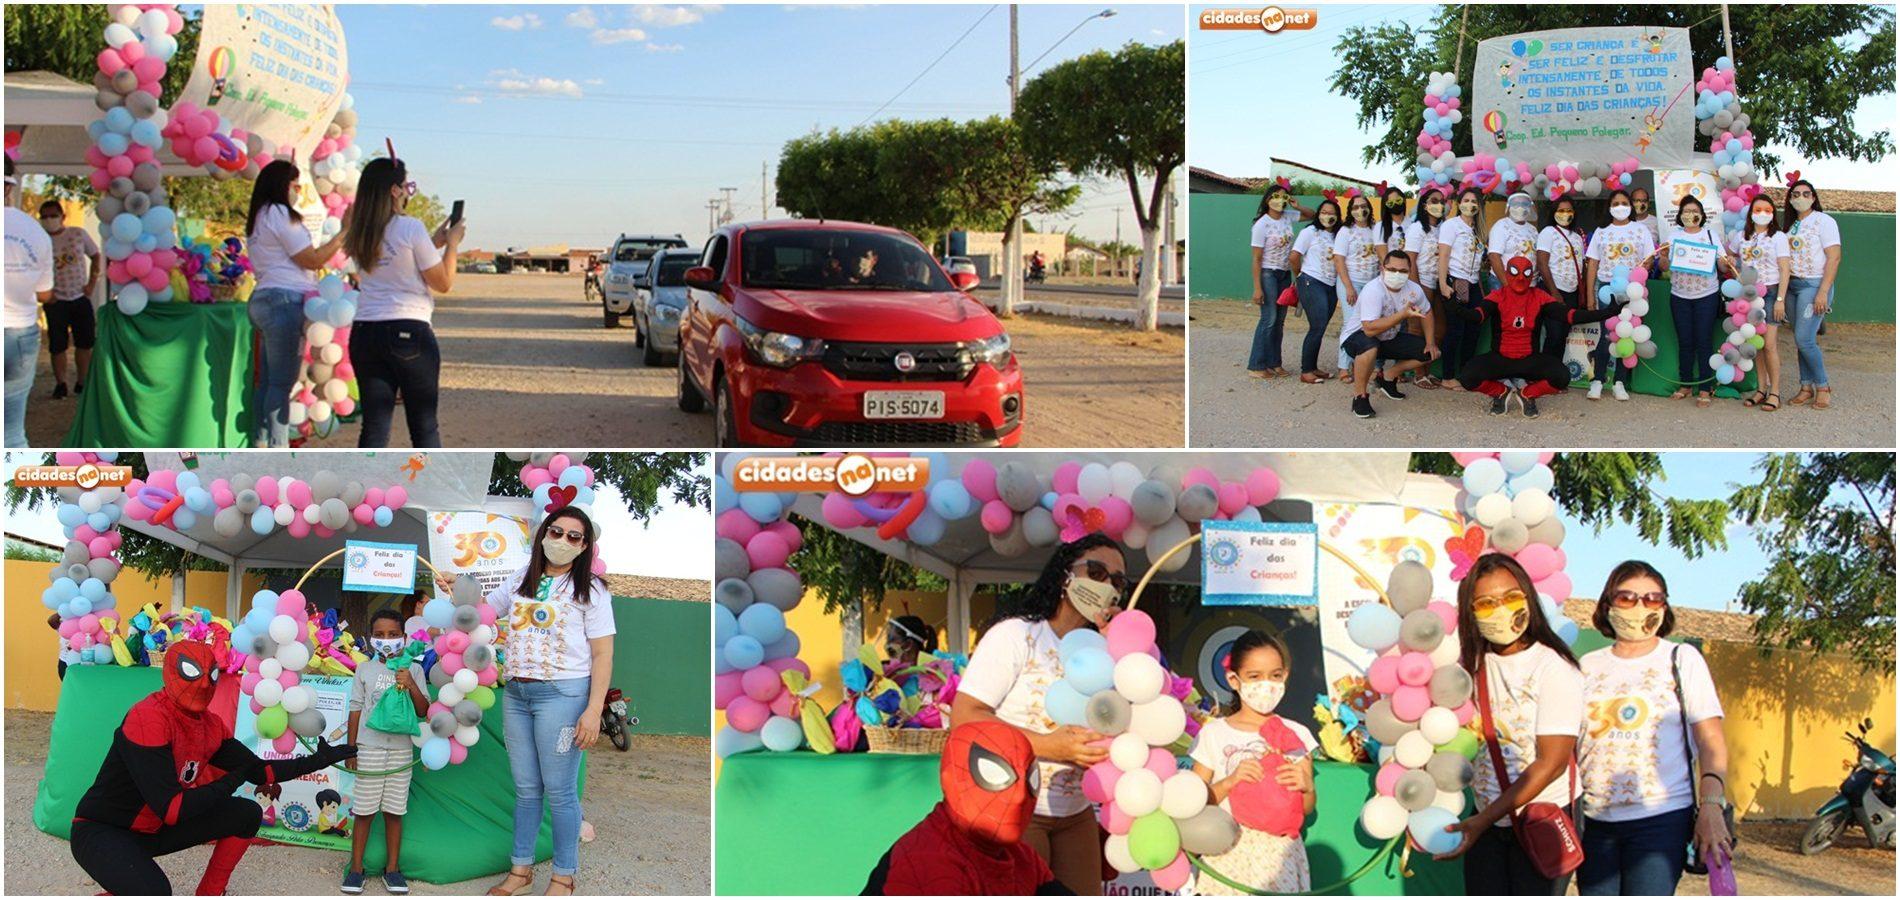 Pequeno Polegar alegra tarde de alunos com drive-thru em comemoração ao dia das crianças